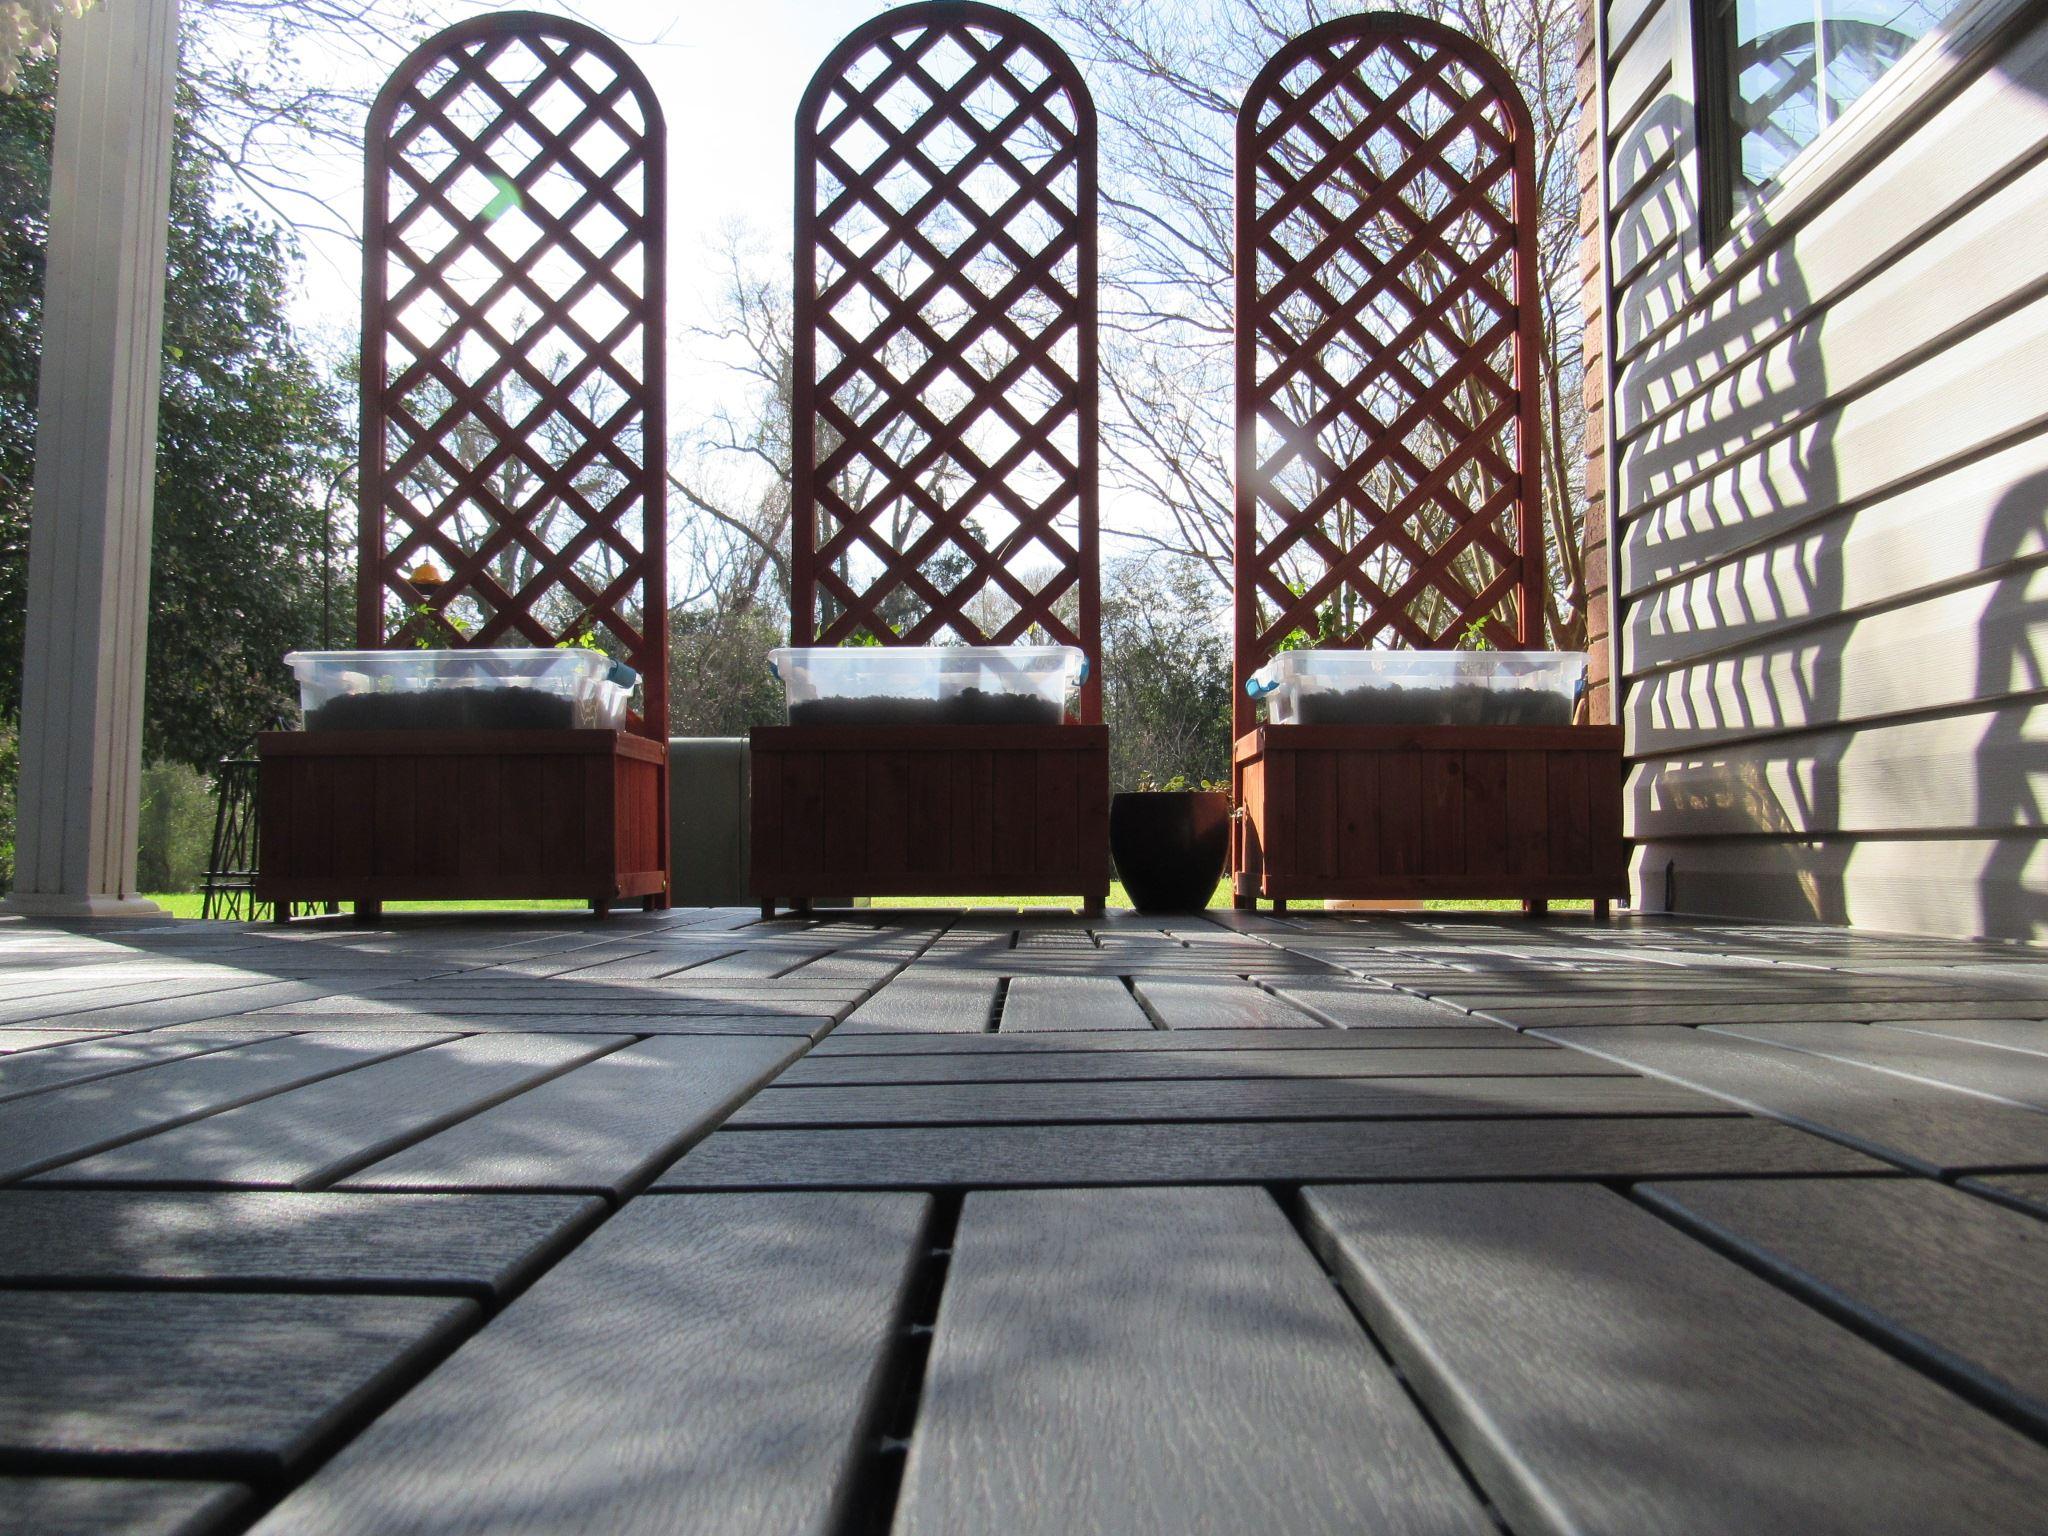 D.I.Y. Ikea Interlocking Floor Tiles project